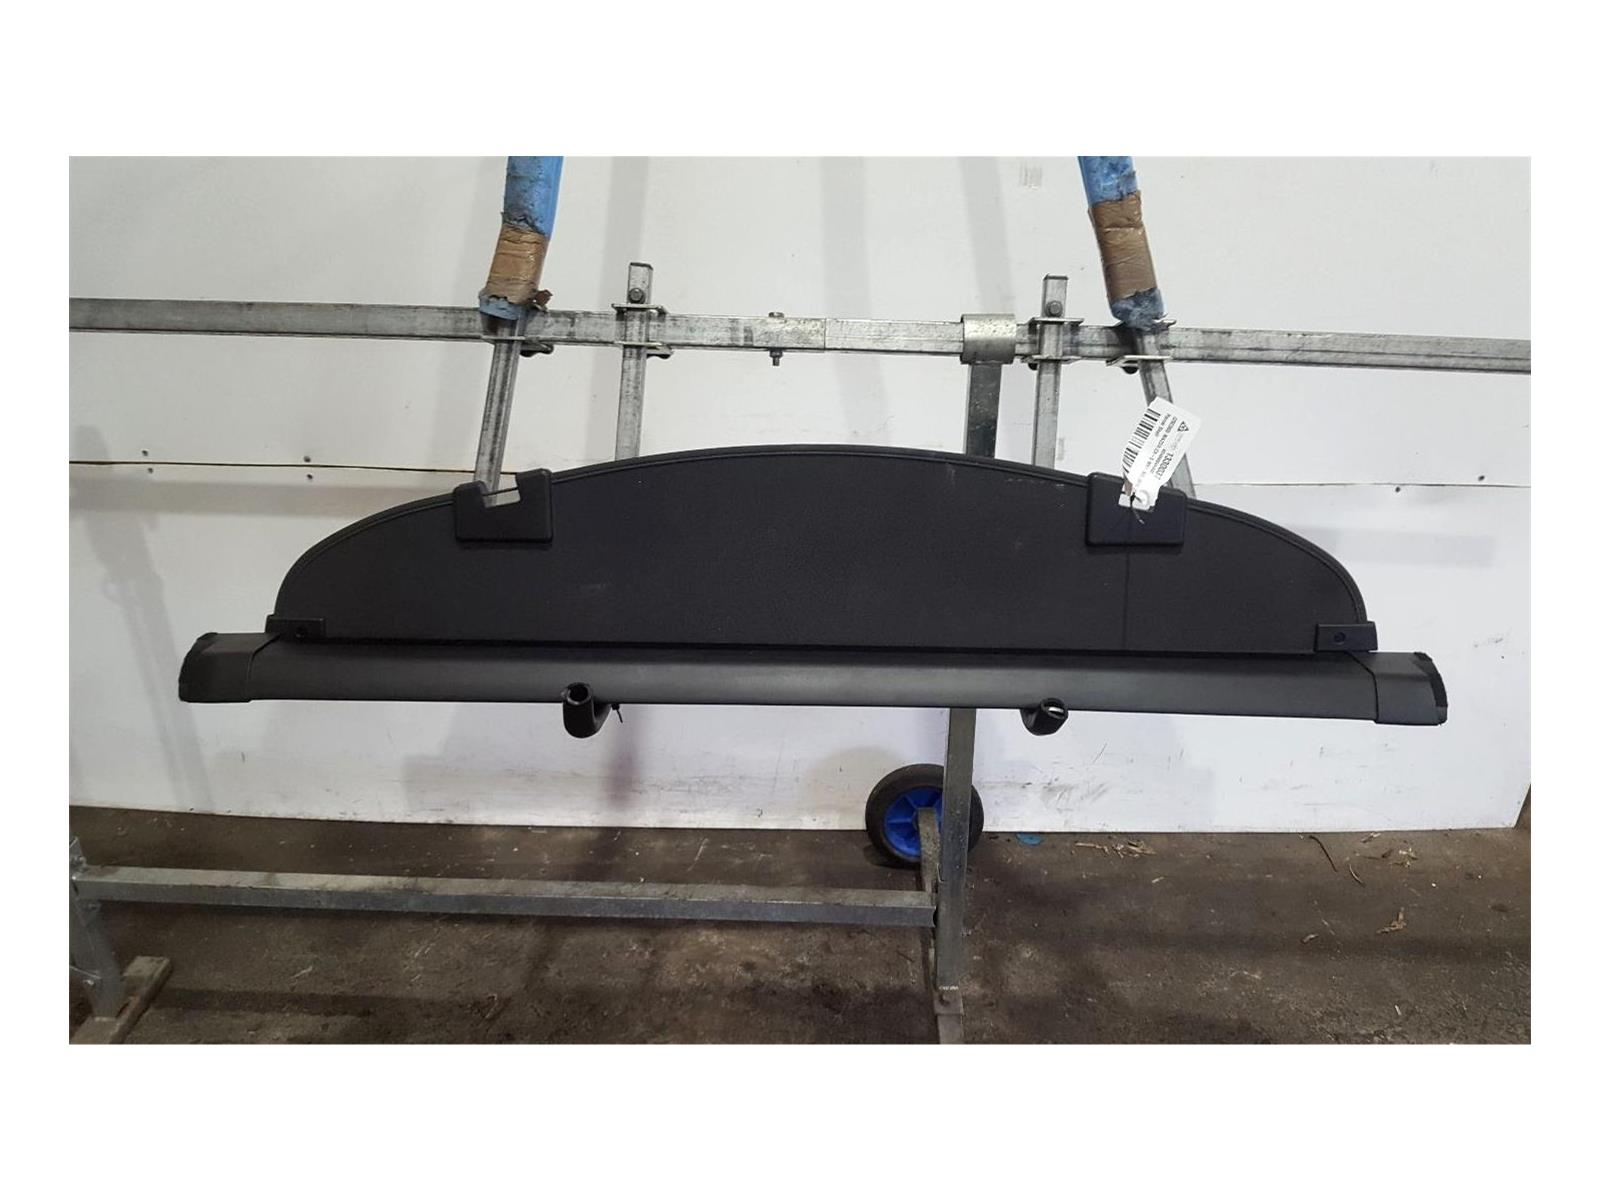 MAZDA CX-5 - MK1 (KE) 2012 TO 2016 - Load Cover Parcel Shelf